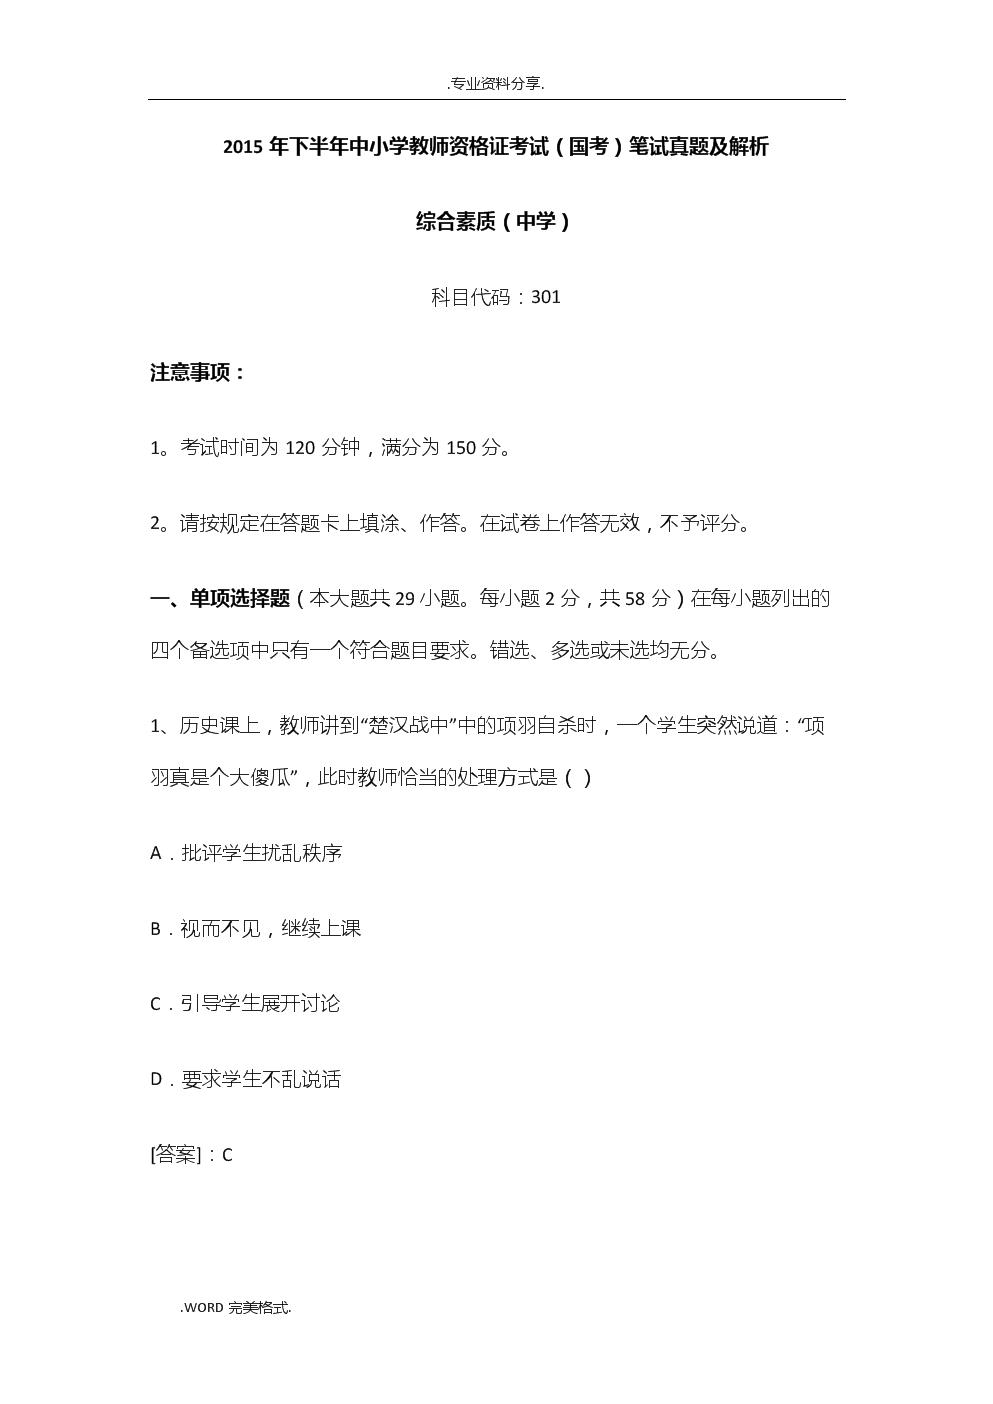 重庆十一中综合素质_《综合素质》真题及答案解析.doc